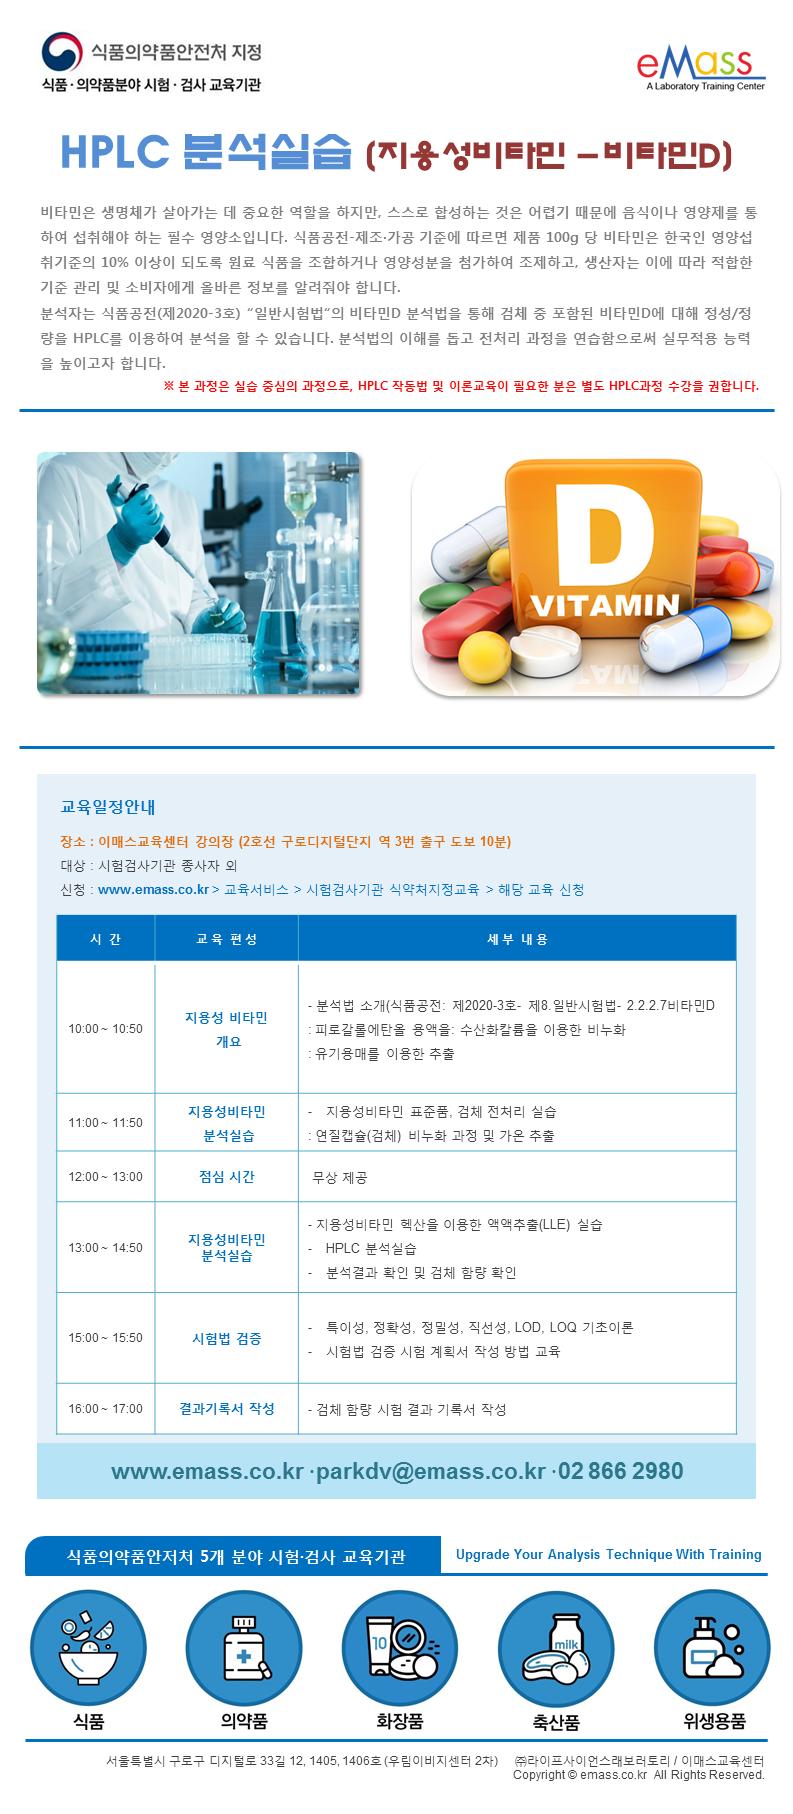 식약처 교육-HPLC 분석실습(지용성비타민).png